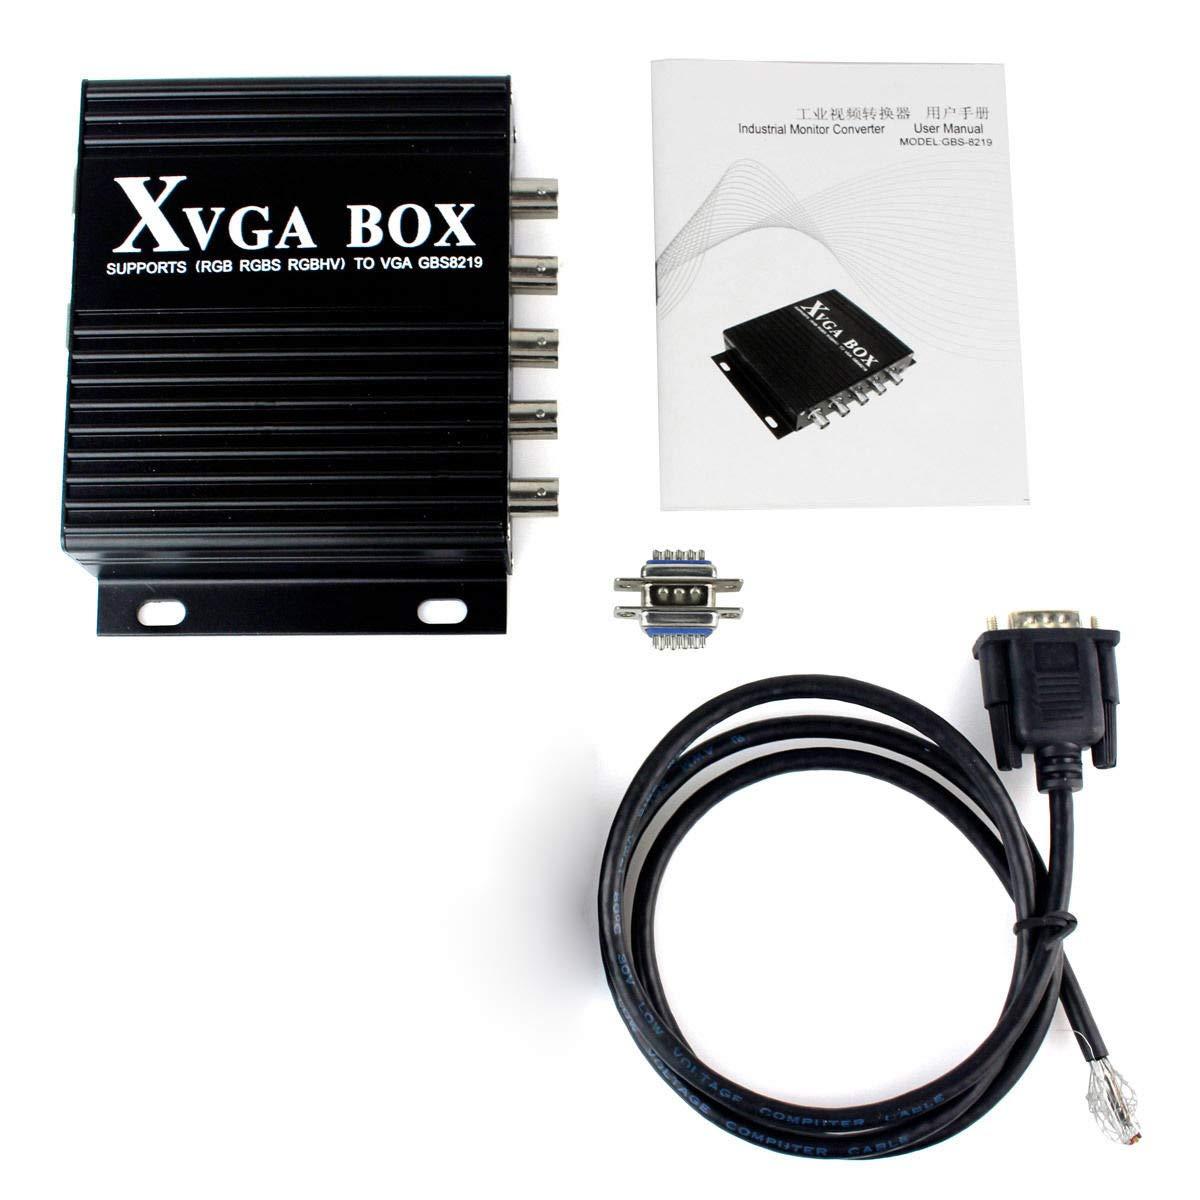 GBS 8219 XVGA Box CGA EGA RGB RGBS RGBHV to VGA Monitor Video Converter US Ship